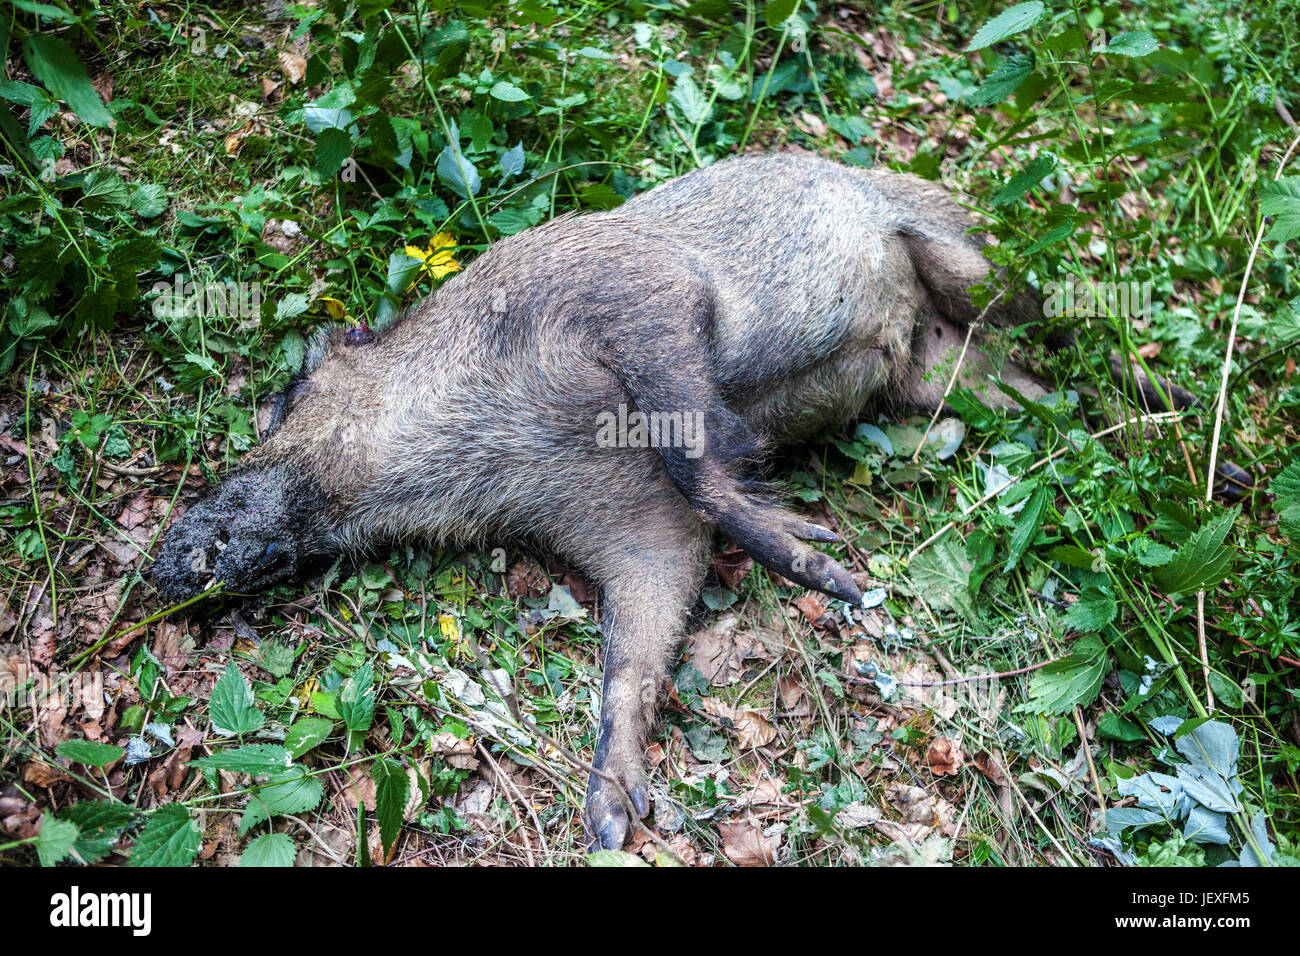 Dead Wild Boar Sus scrofa lying in the woods, Czech Republic, Europe - Stock Image